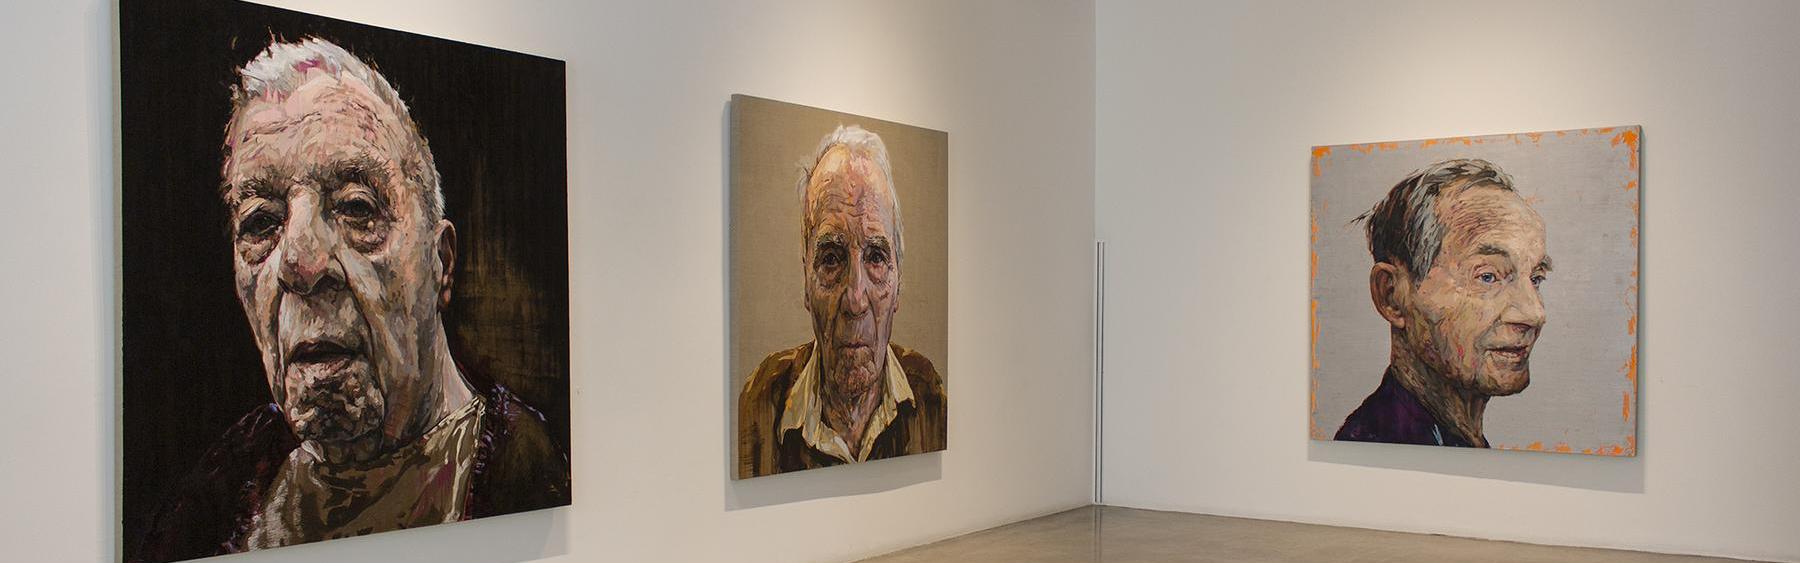 Aaron Sidorenko: Artist's Talk